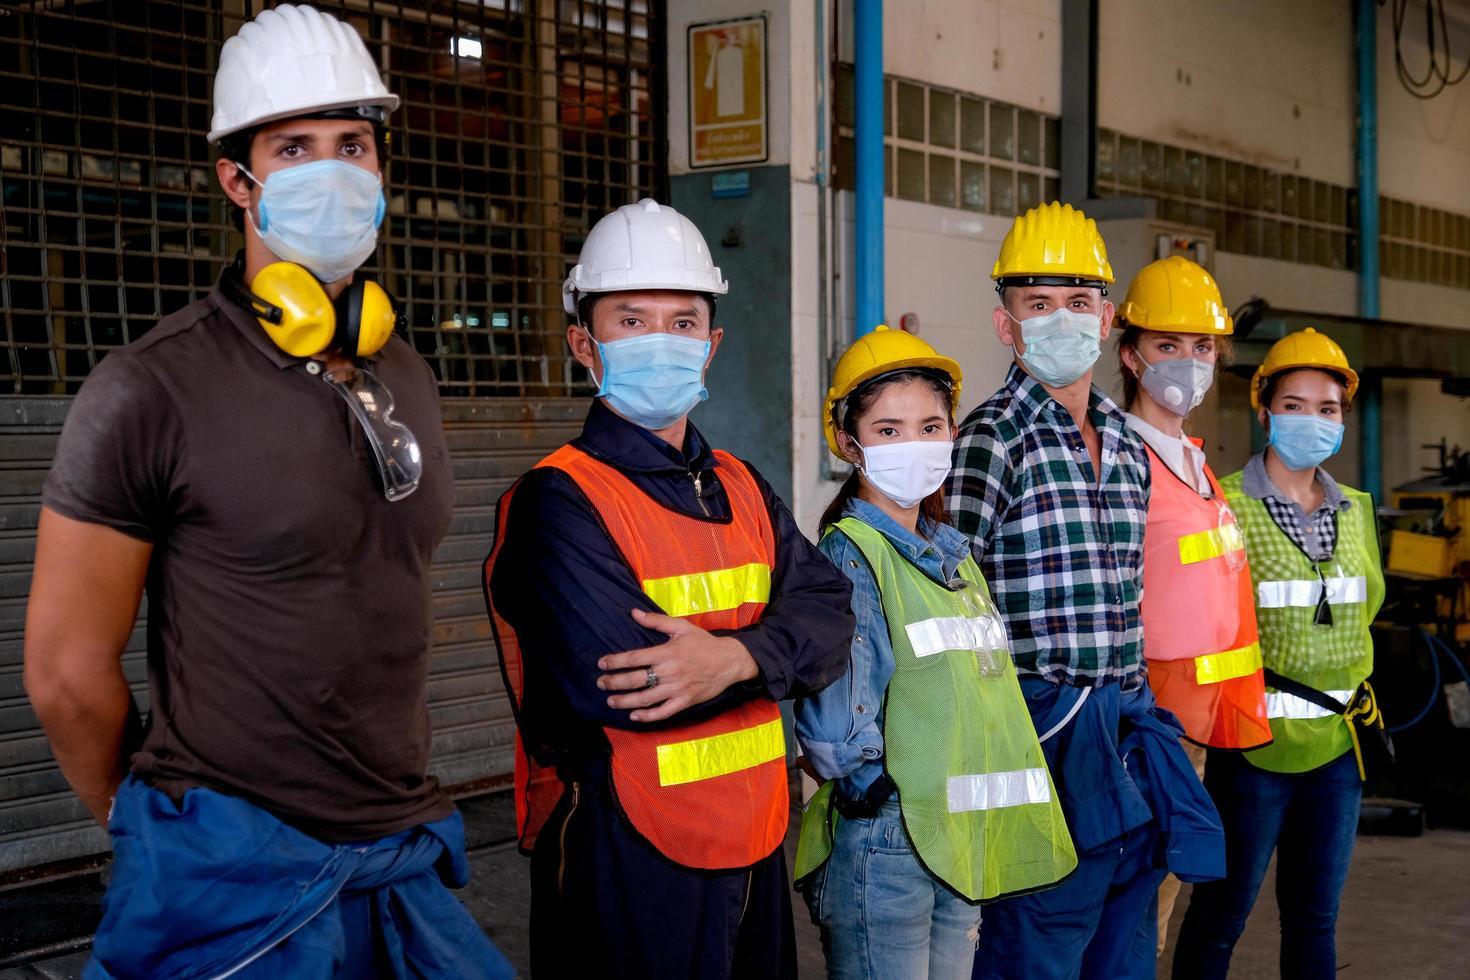 gli operai industriali professionisti stanno insieme foto